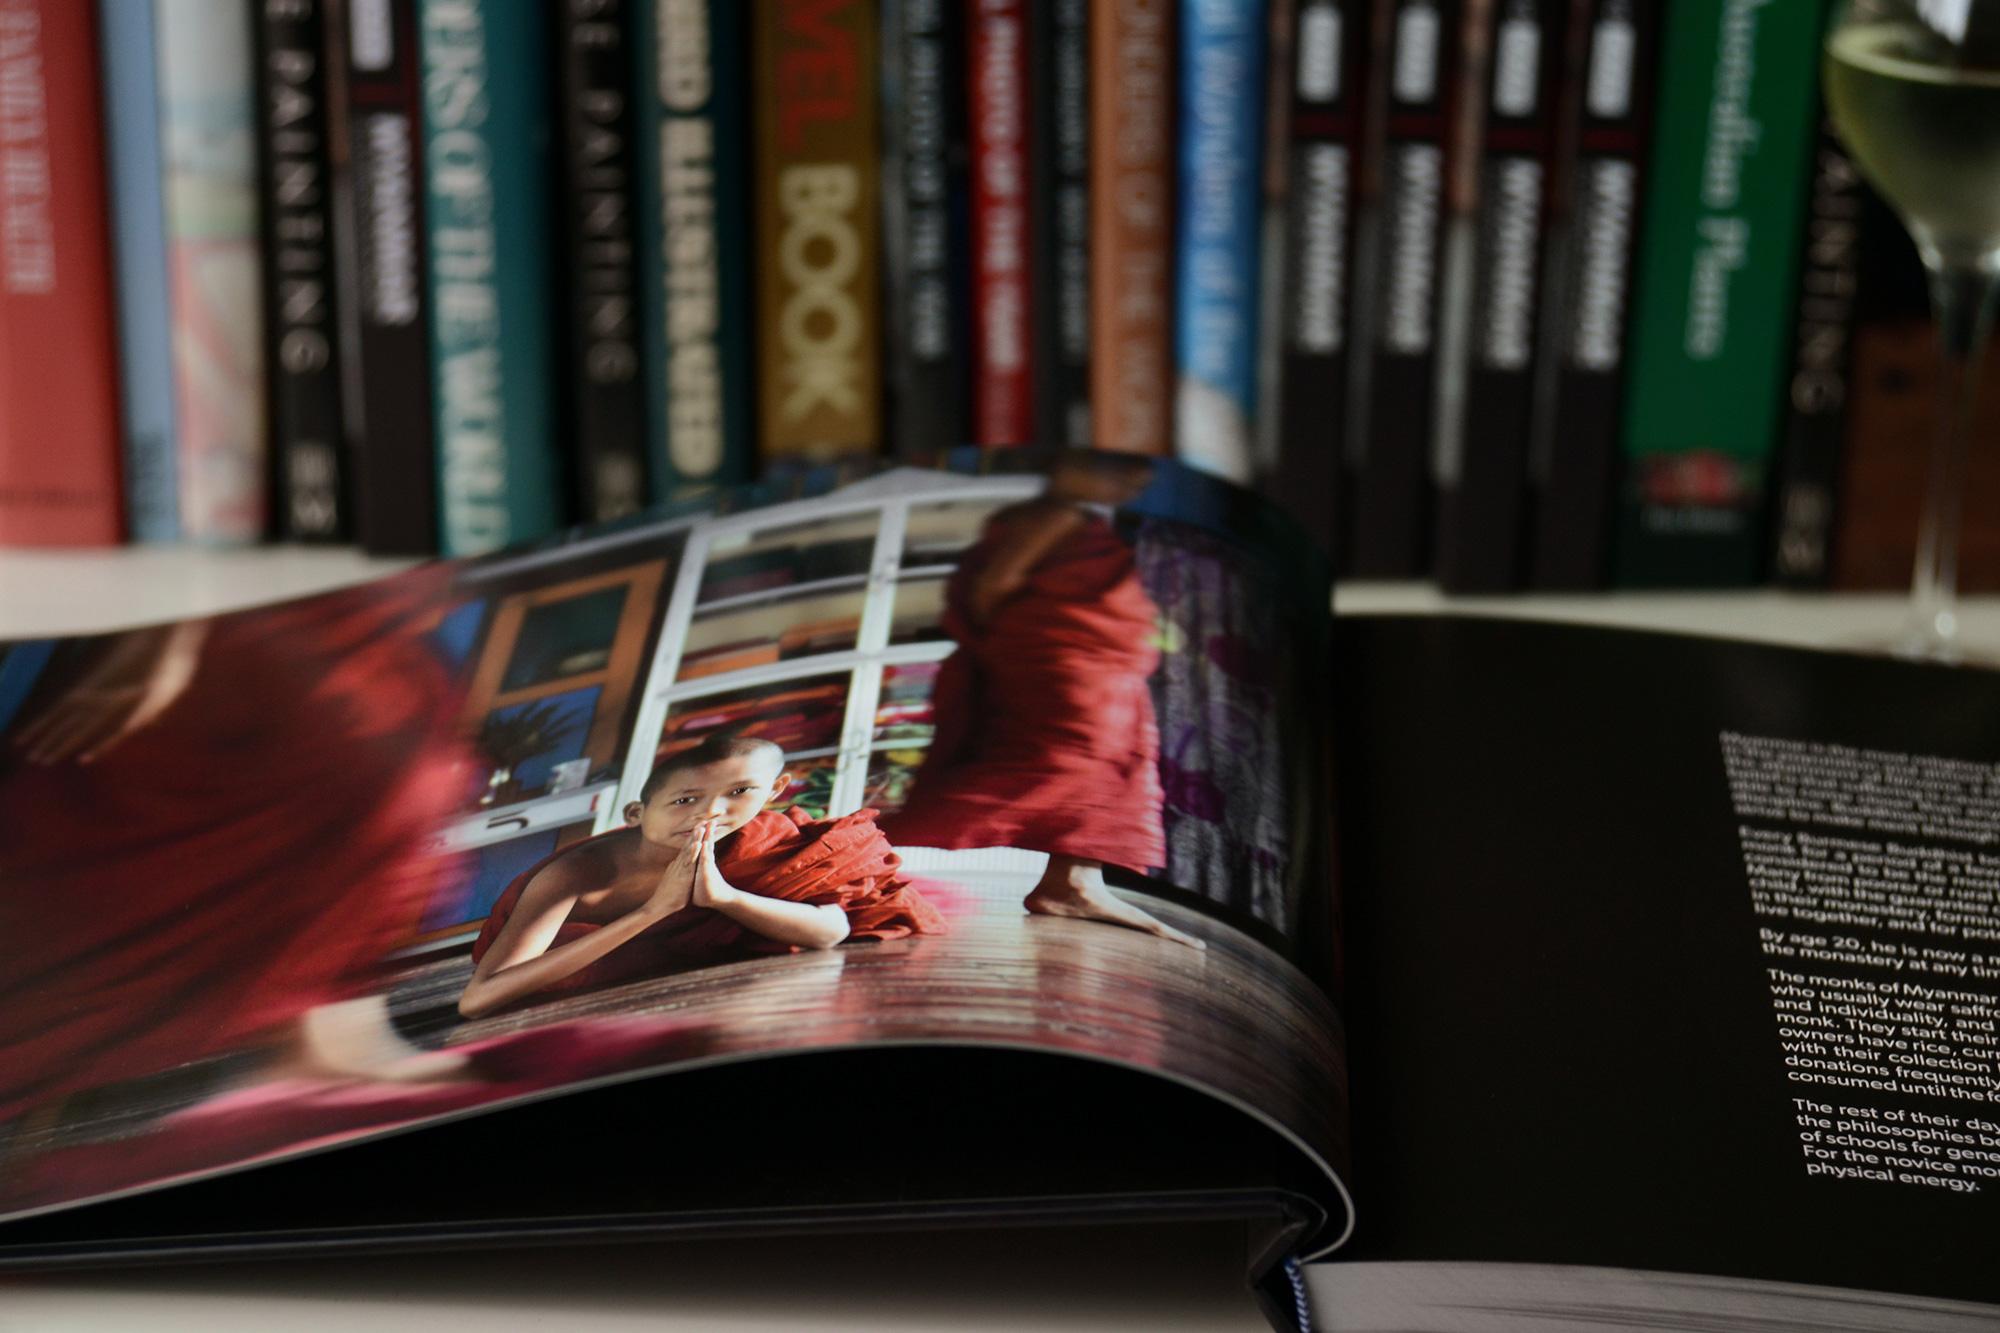 publish-photo-book-2-camerapixo